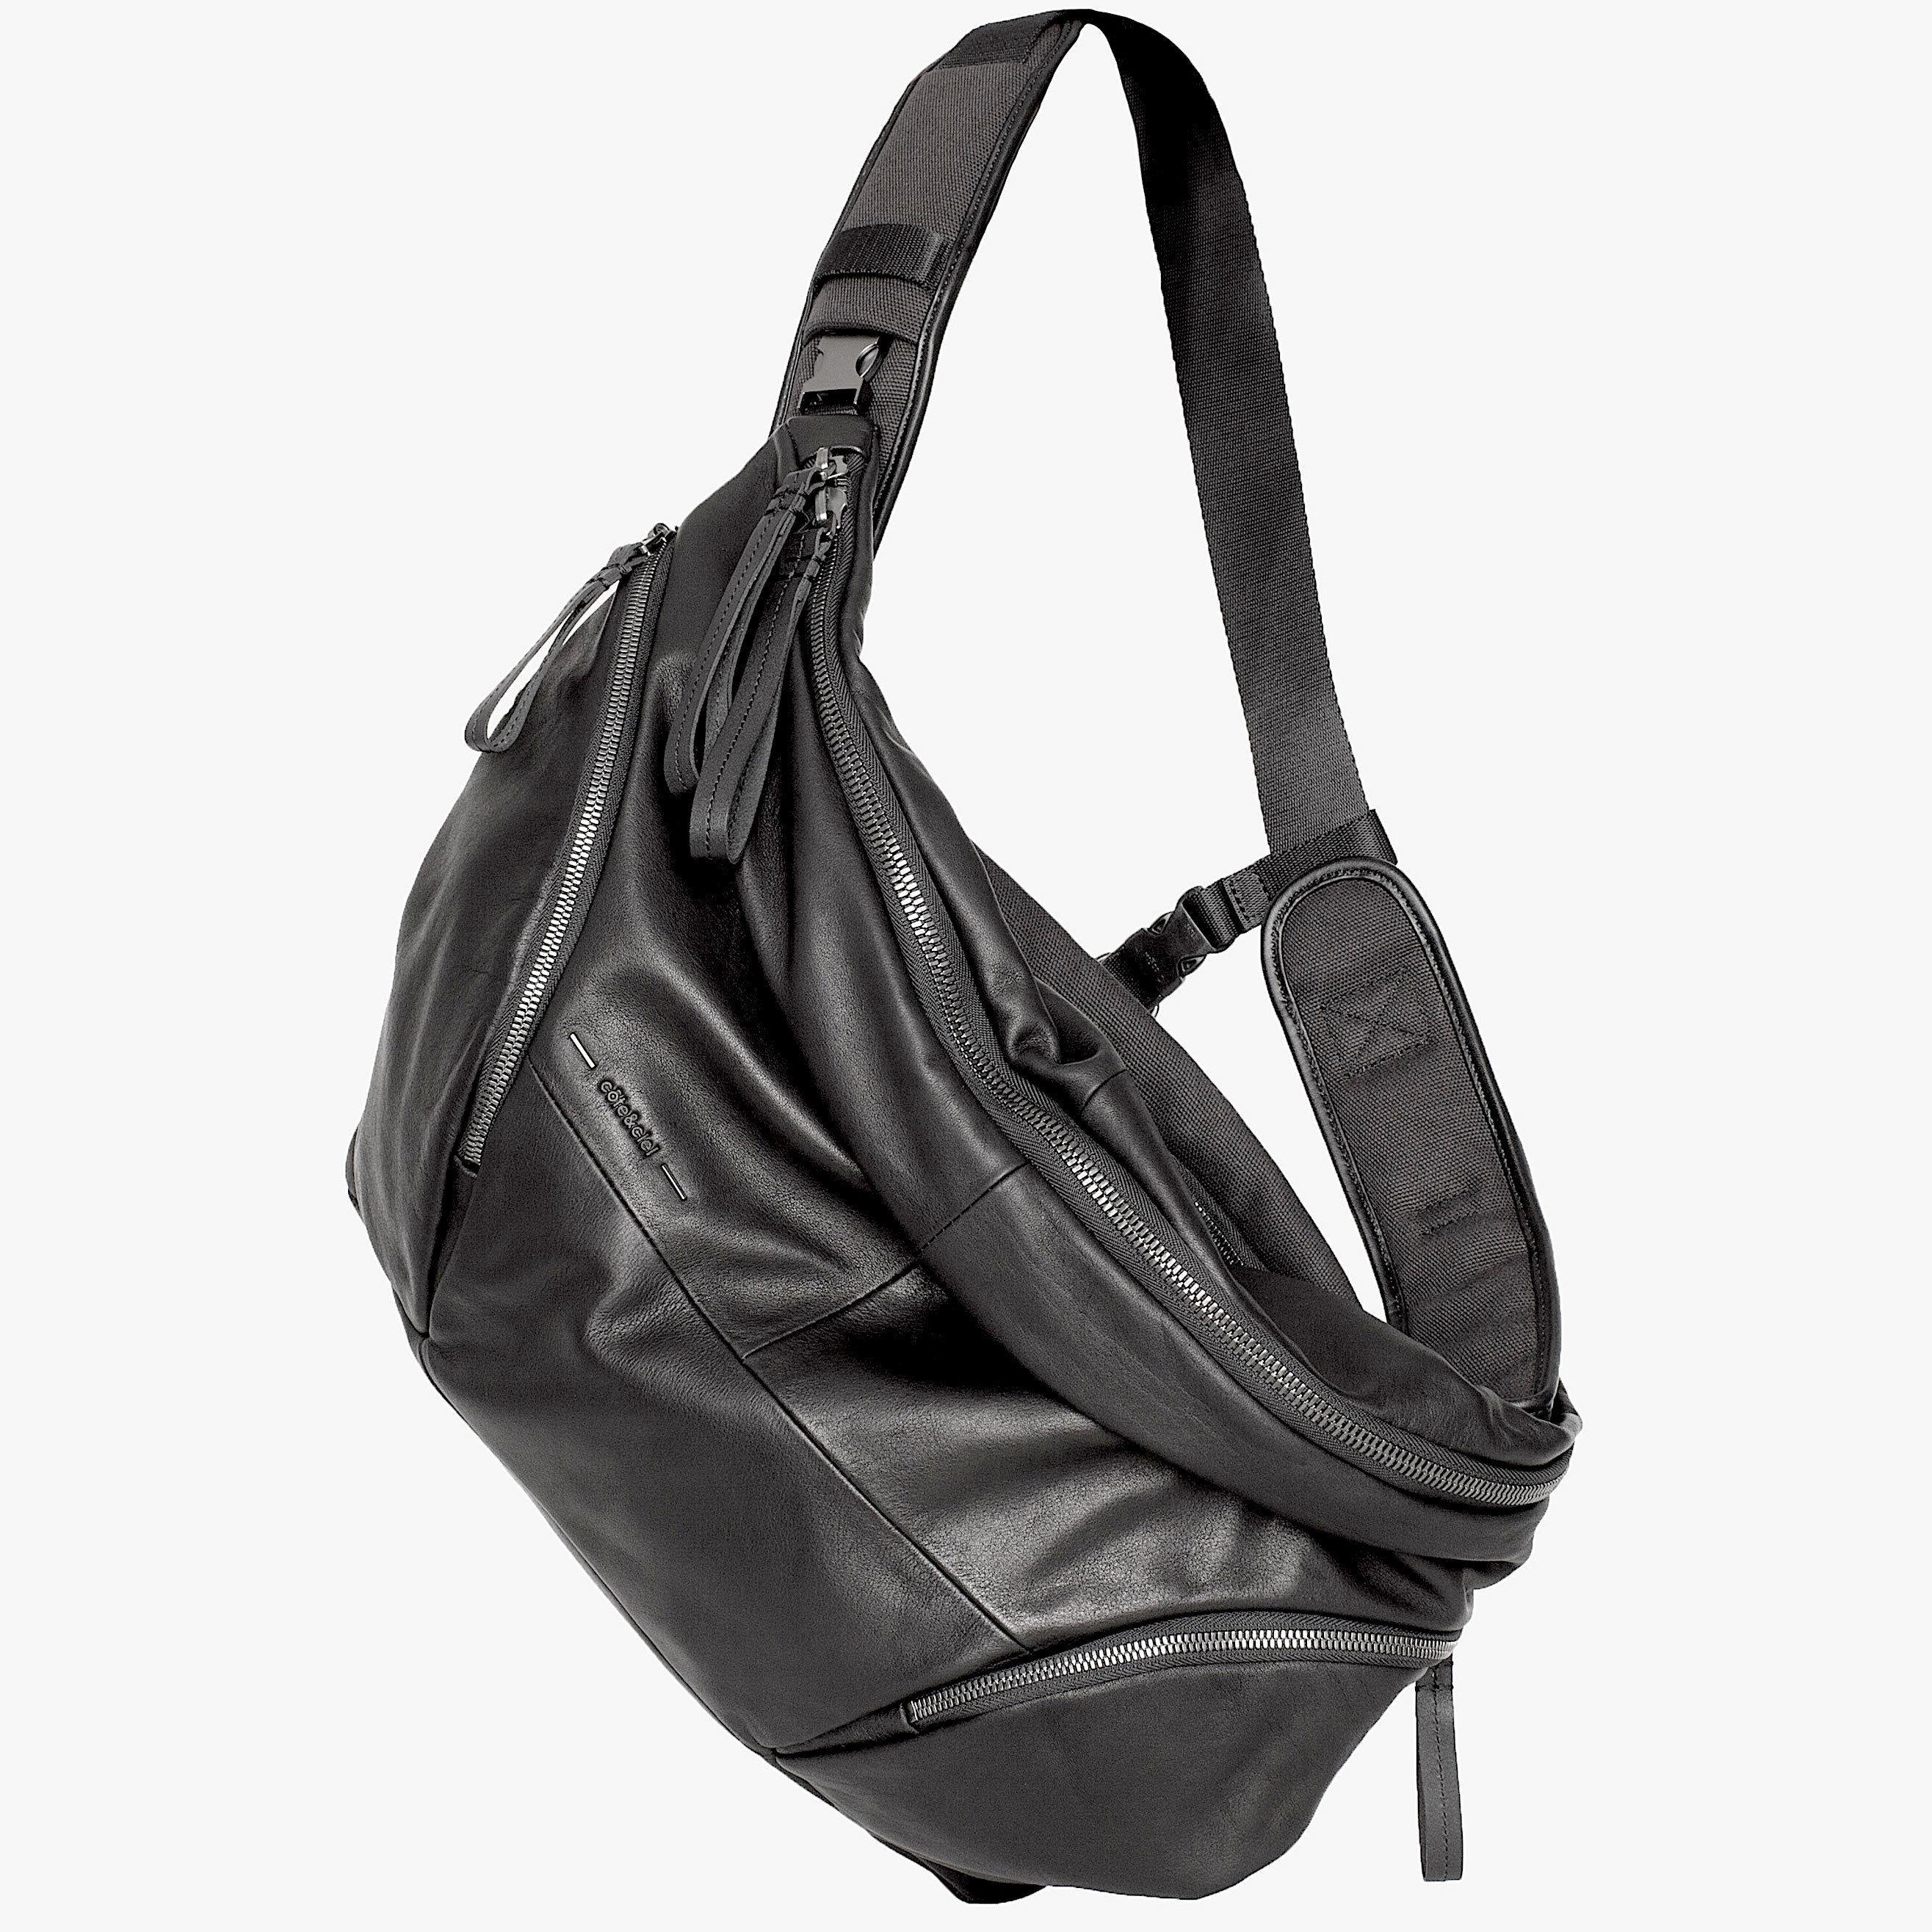 ★2018 春新作【28660】Oder-Spree  Alias Cowhile Leather 本革 - Black    Cote&Ciel コートエシエル ボディバッグ